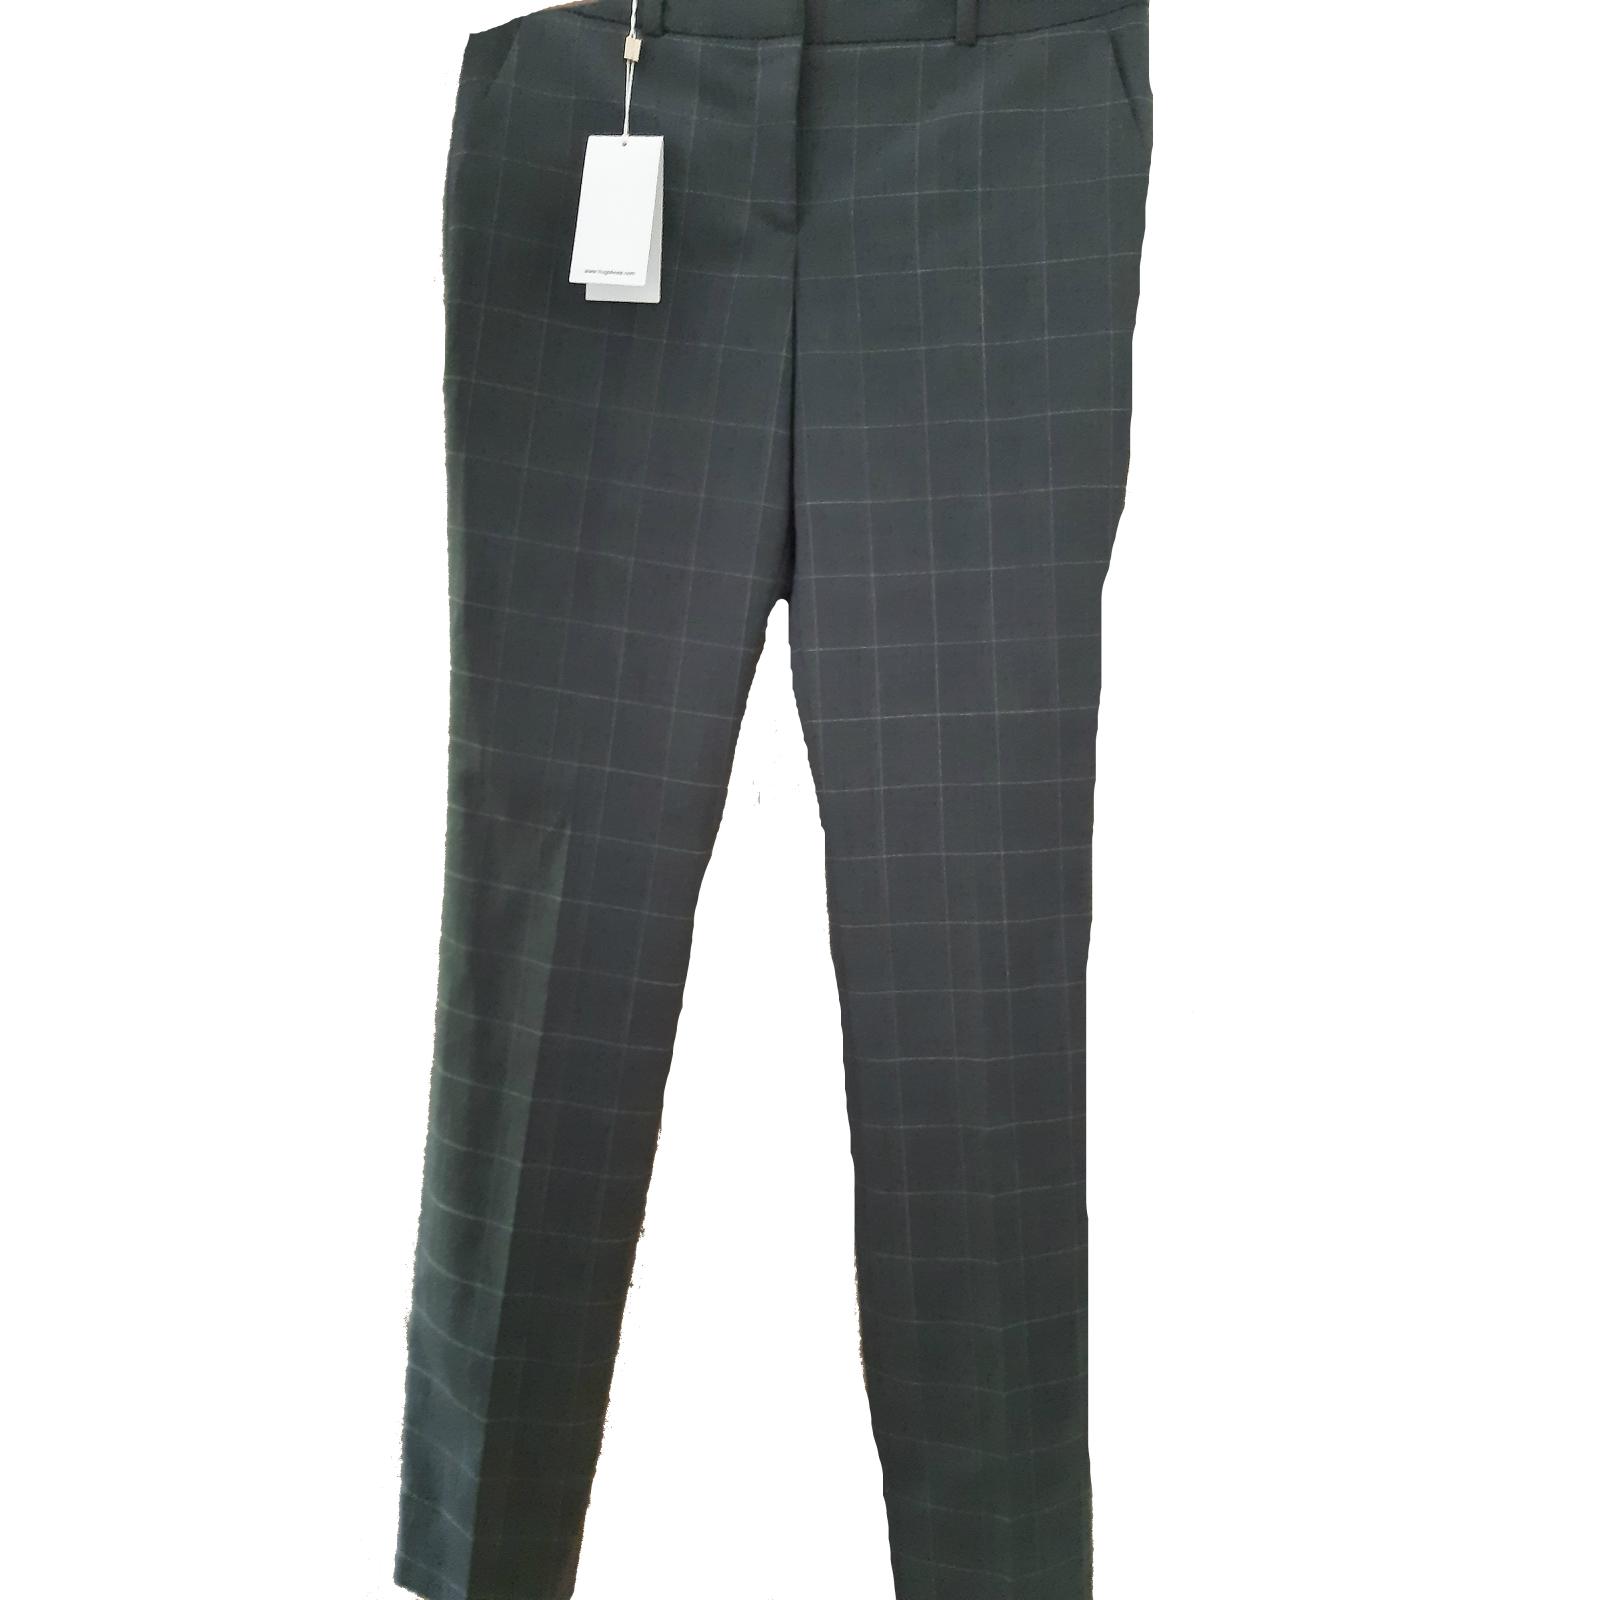 Spodnie w kratkę Hugo Boss